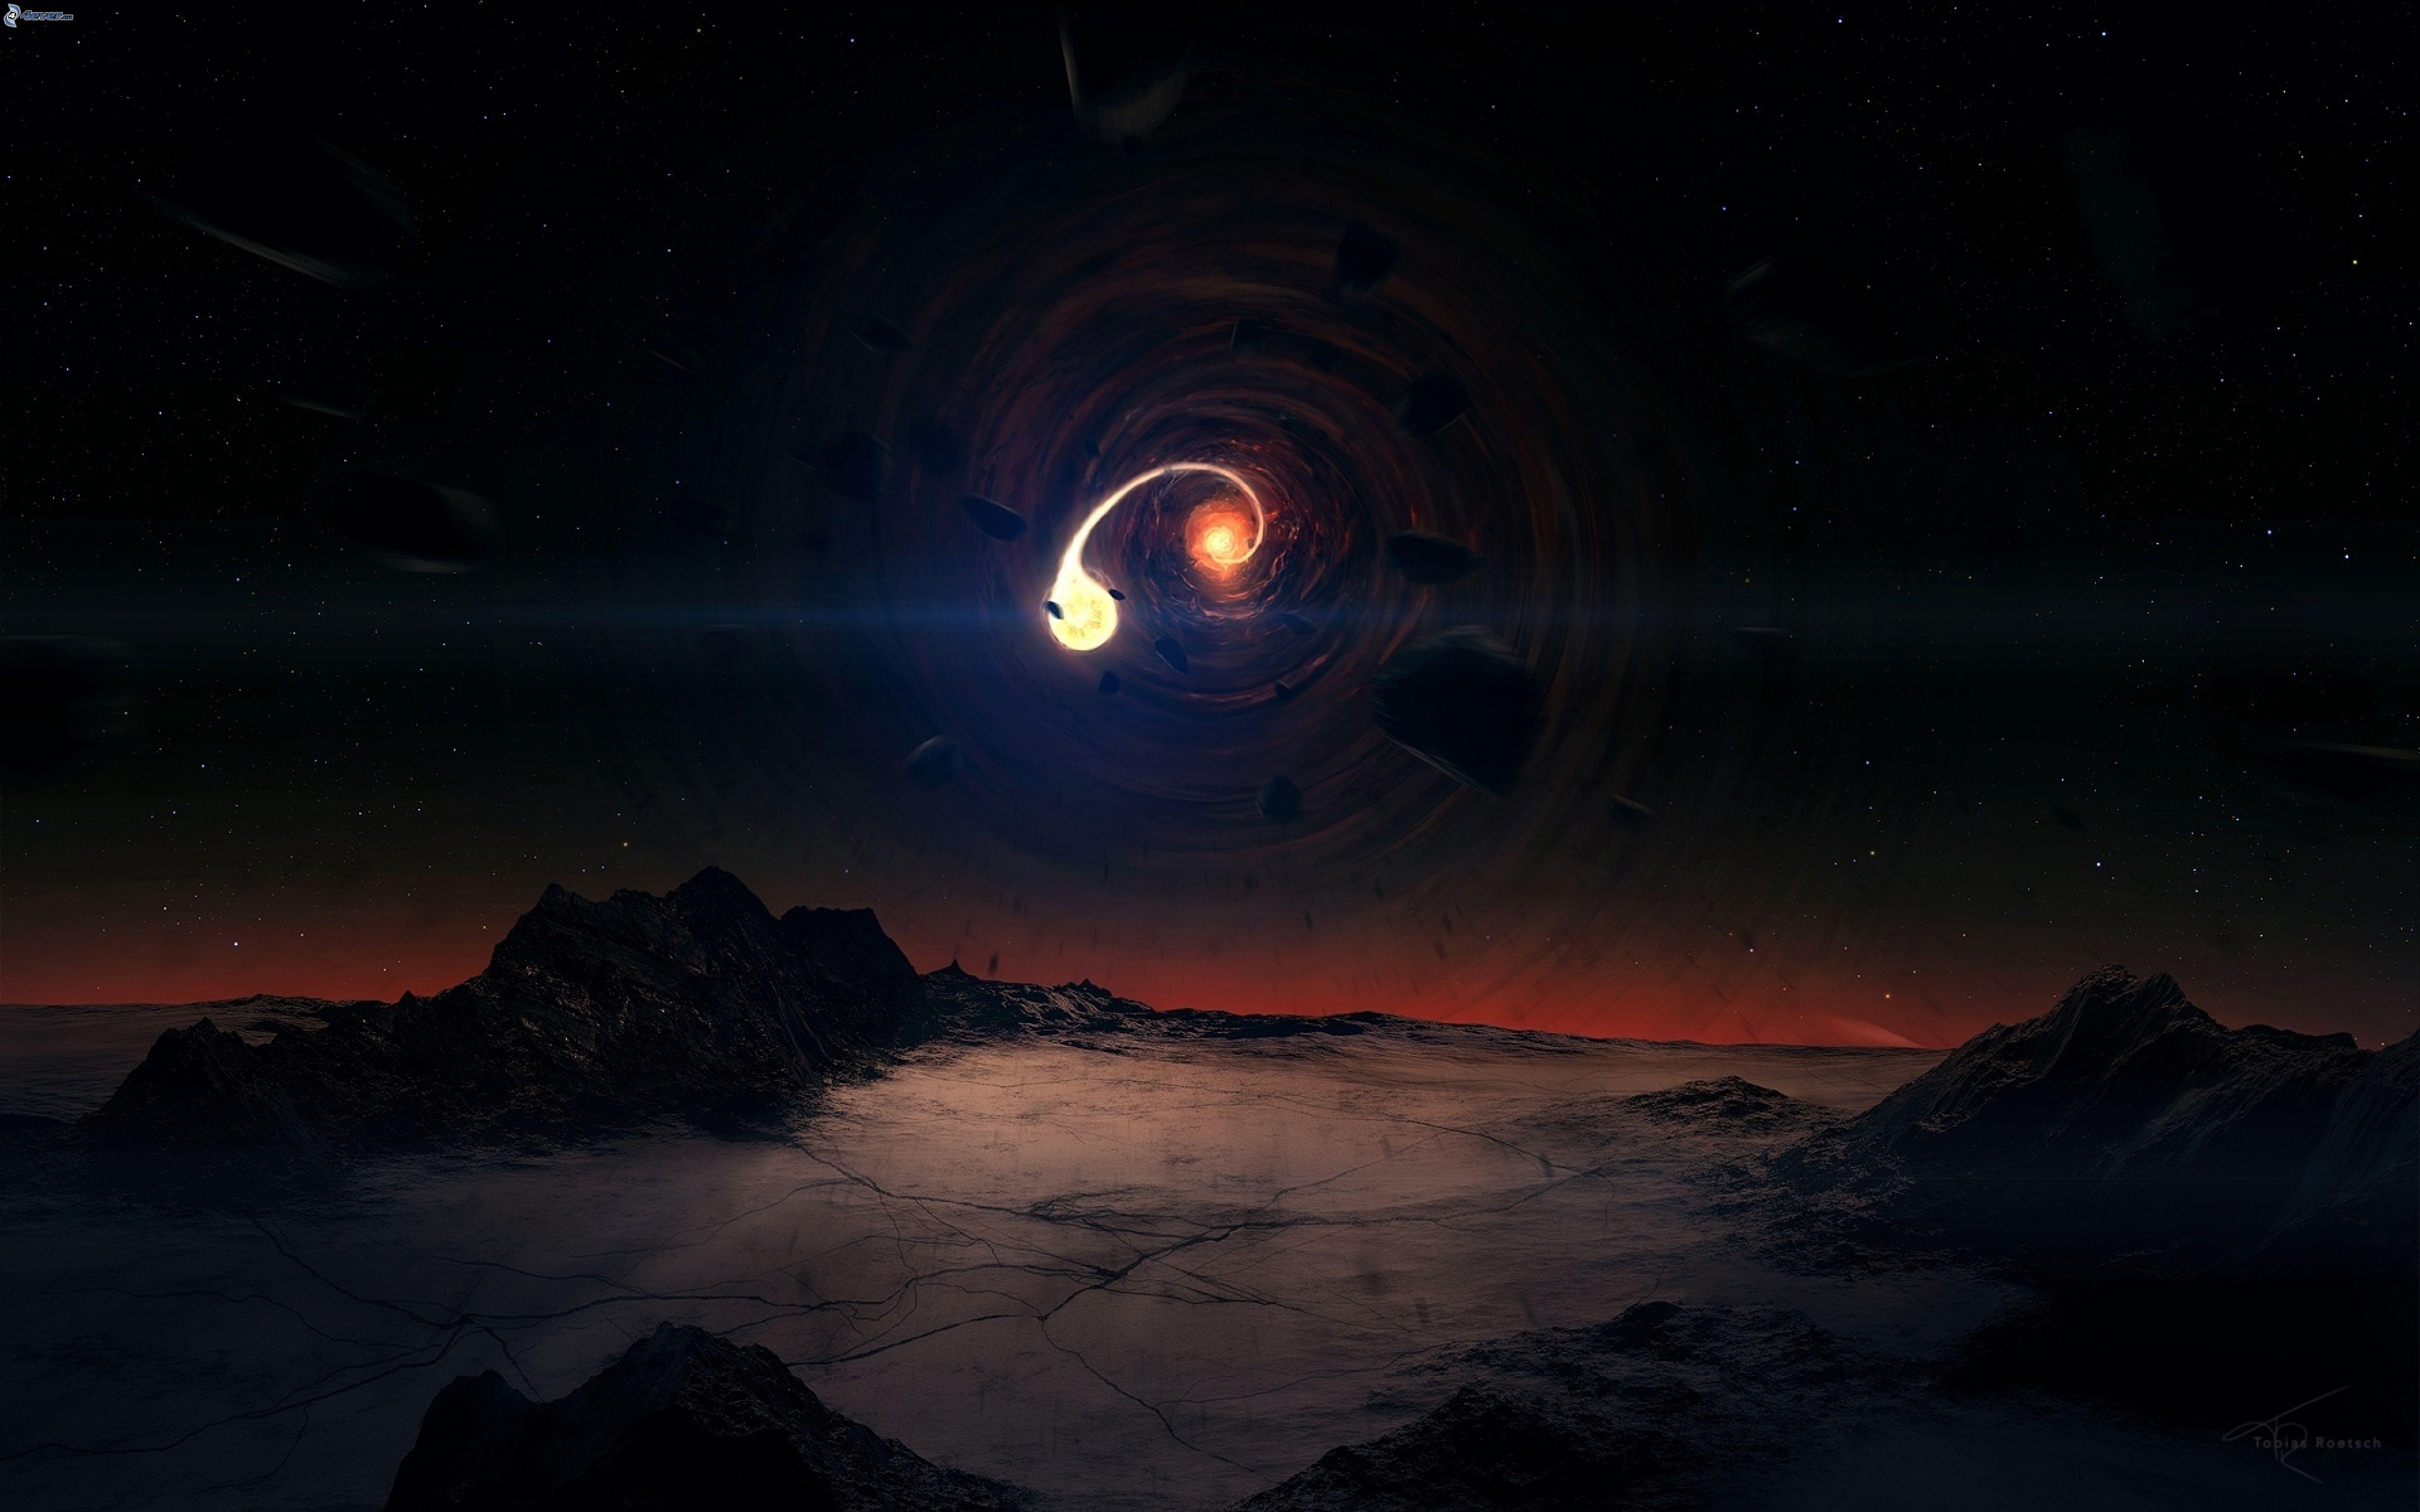 comment l'univers fonctionne trous noirs Télécharger